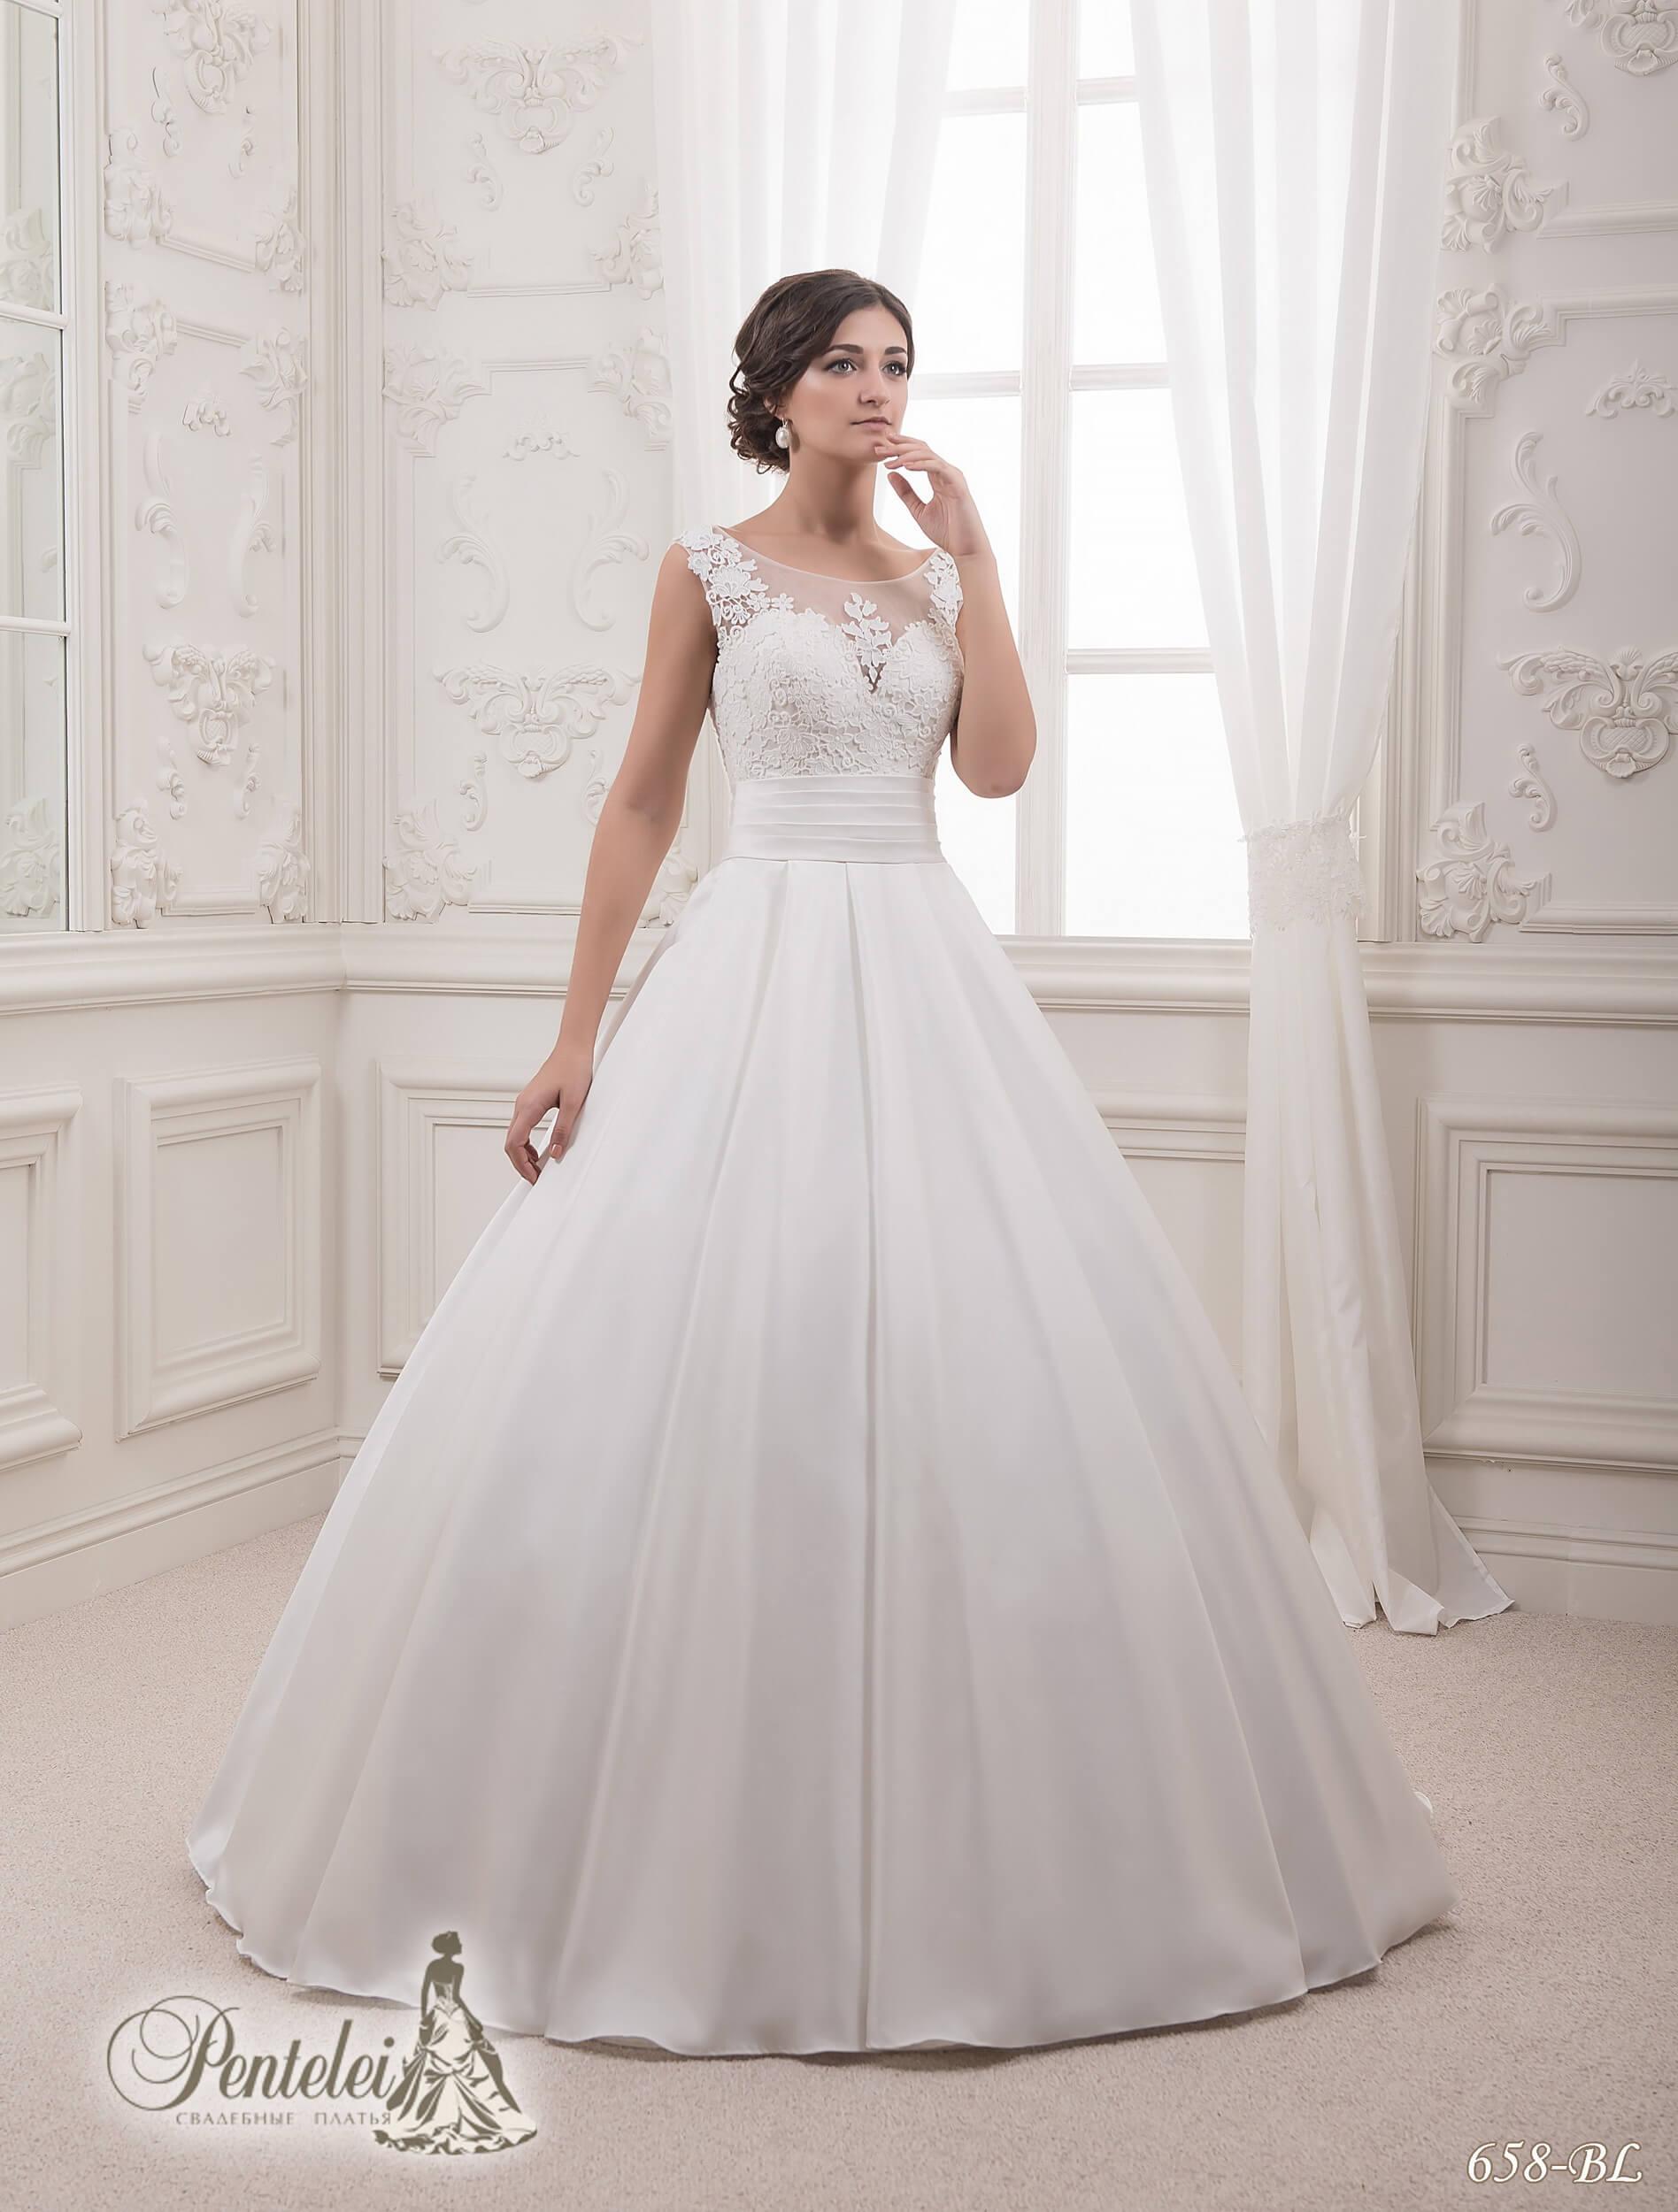 658-BL | Cumpăra rochii de mireasă en-gros de Pentelei